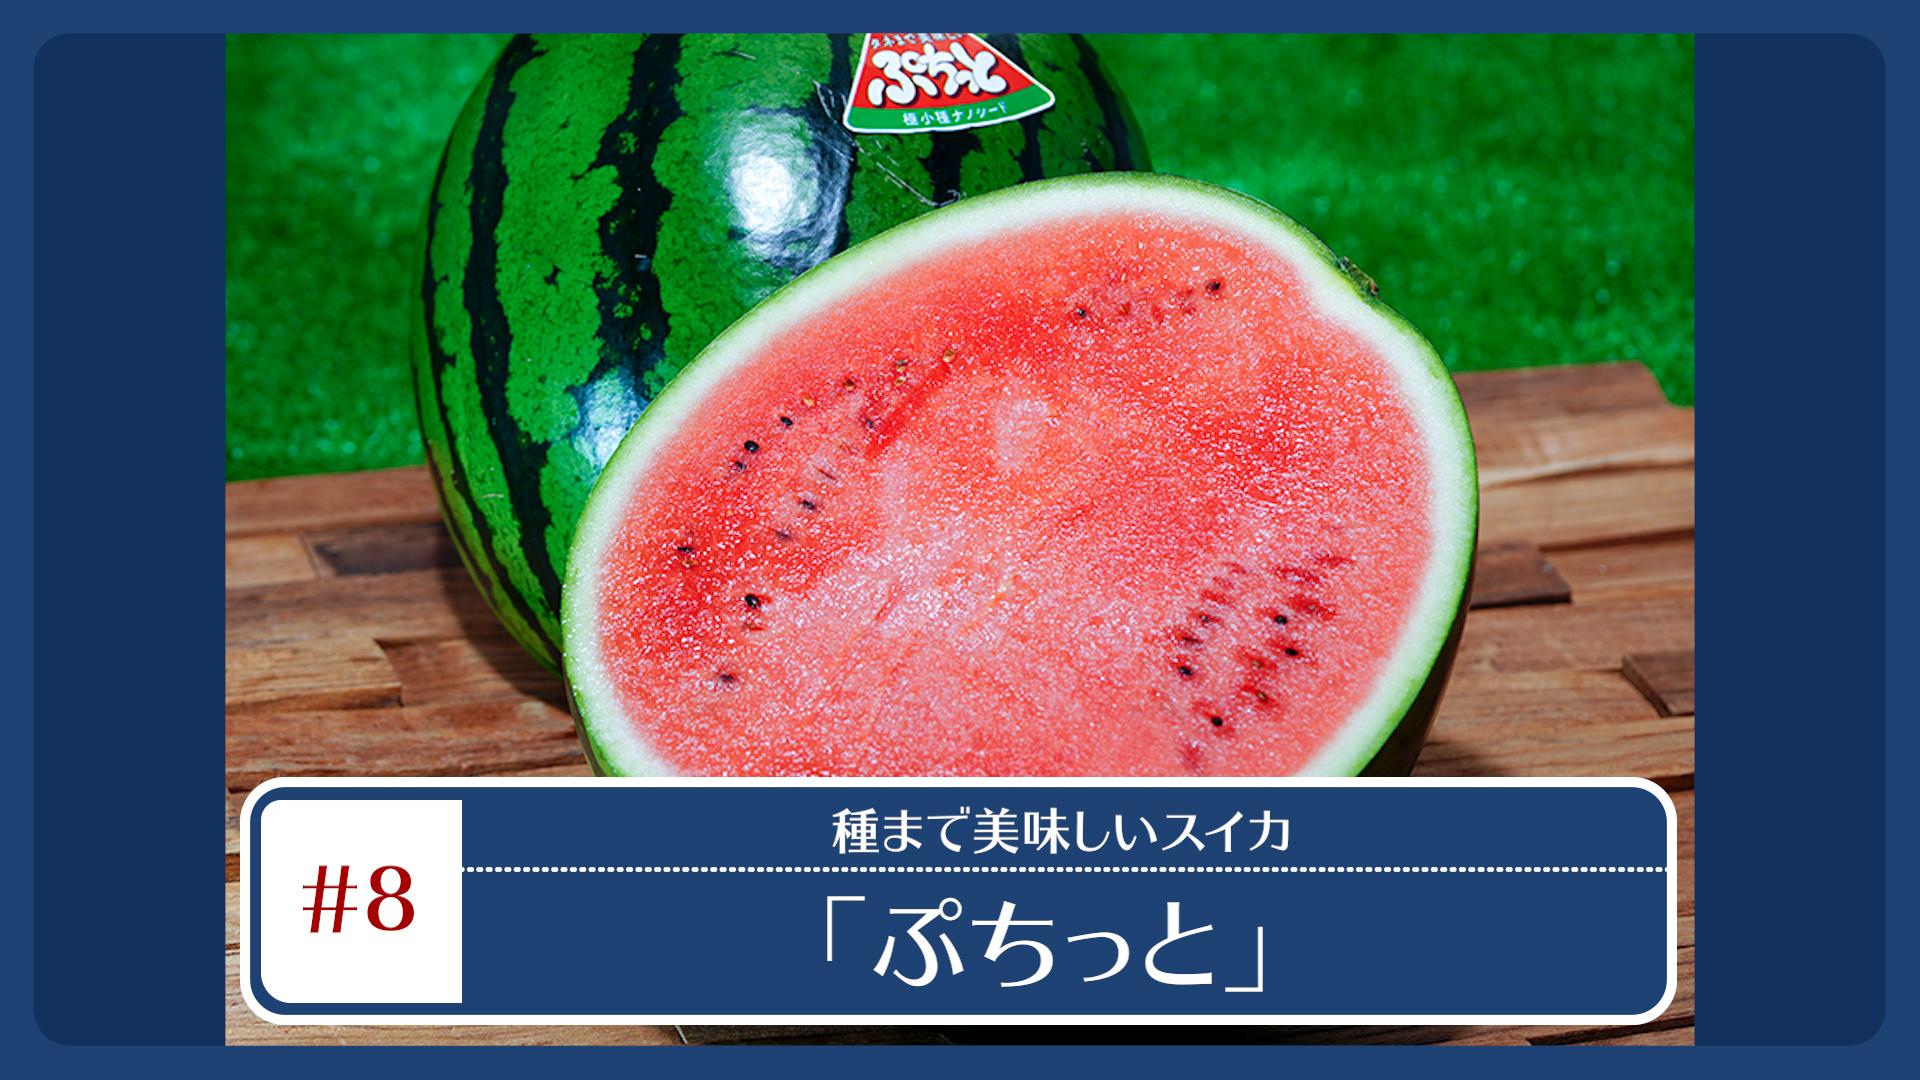 奈良・萩原農場が開発した最新品種のスイカ -タネまで美味しい「ぷちっと」- 各種ECサイトにて販売中!